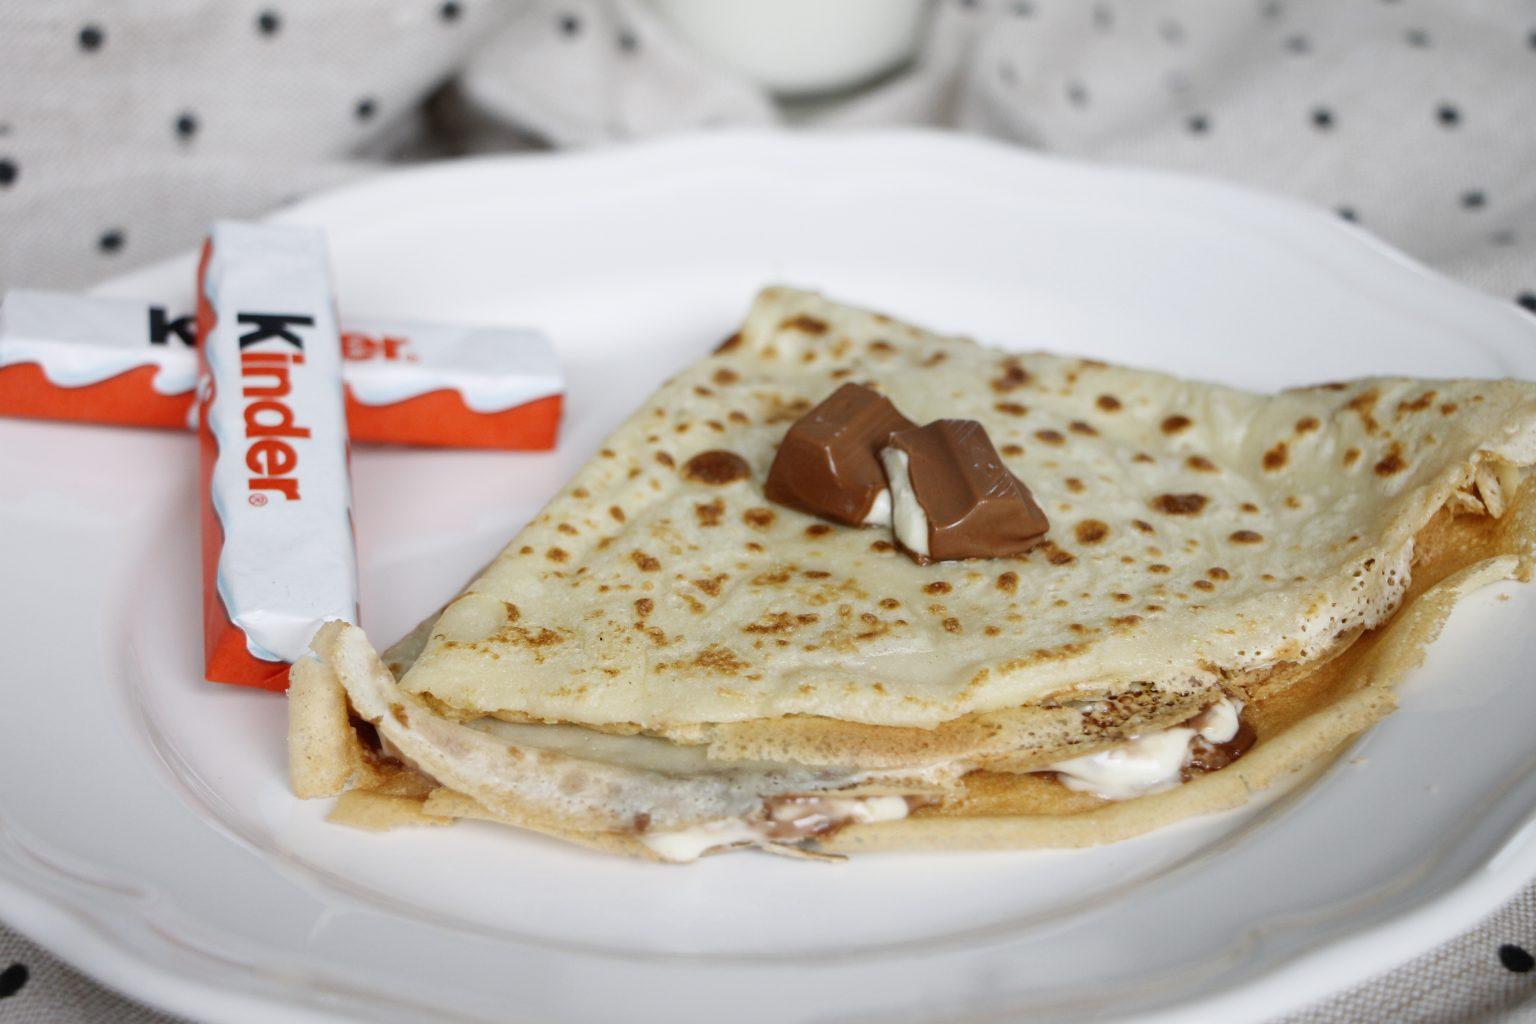 Anzeige Rezept Fur Crepes Mit Kinder Schokolade Inkl Gewinnspiel